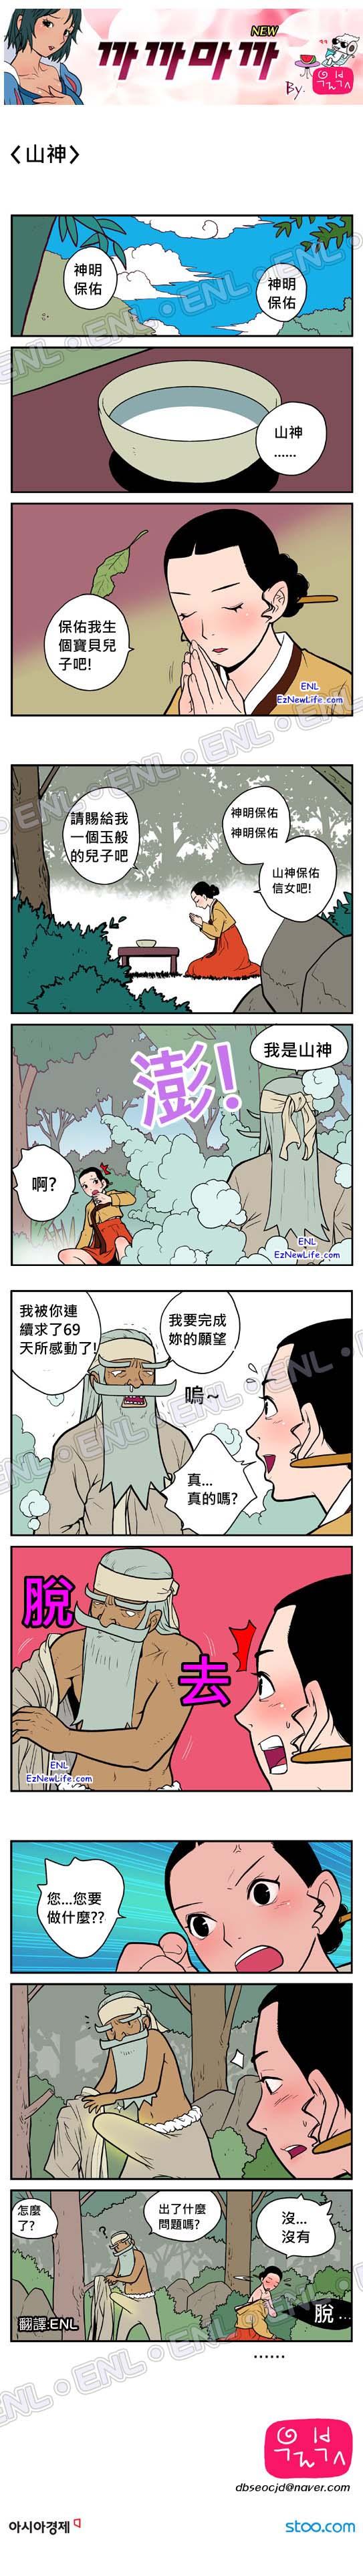 善良的山神回應美麗村婦的願望……山神! 你幹嘛脫衣服呢!!??-0